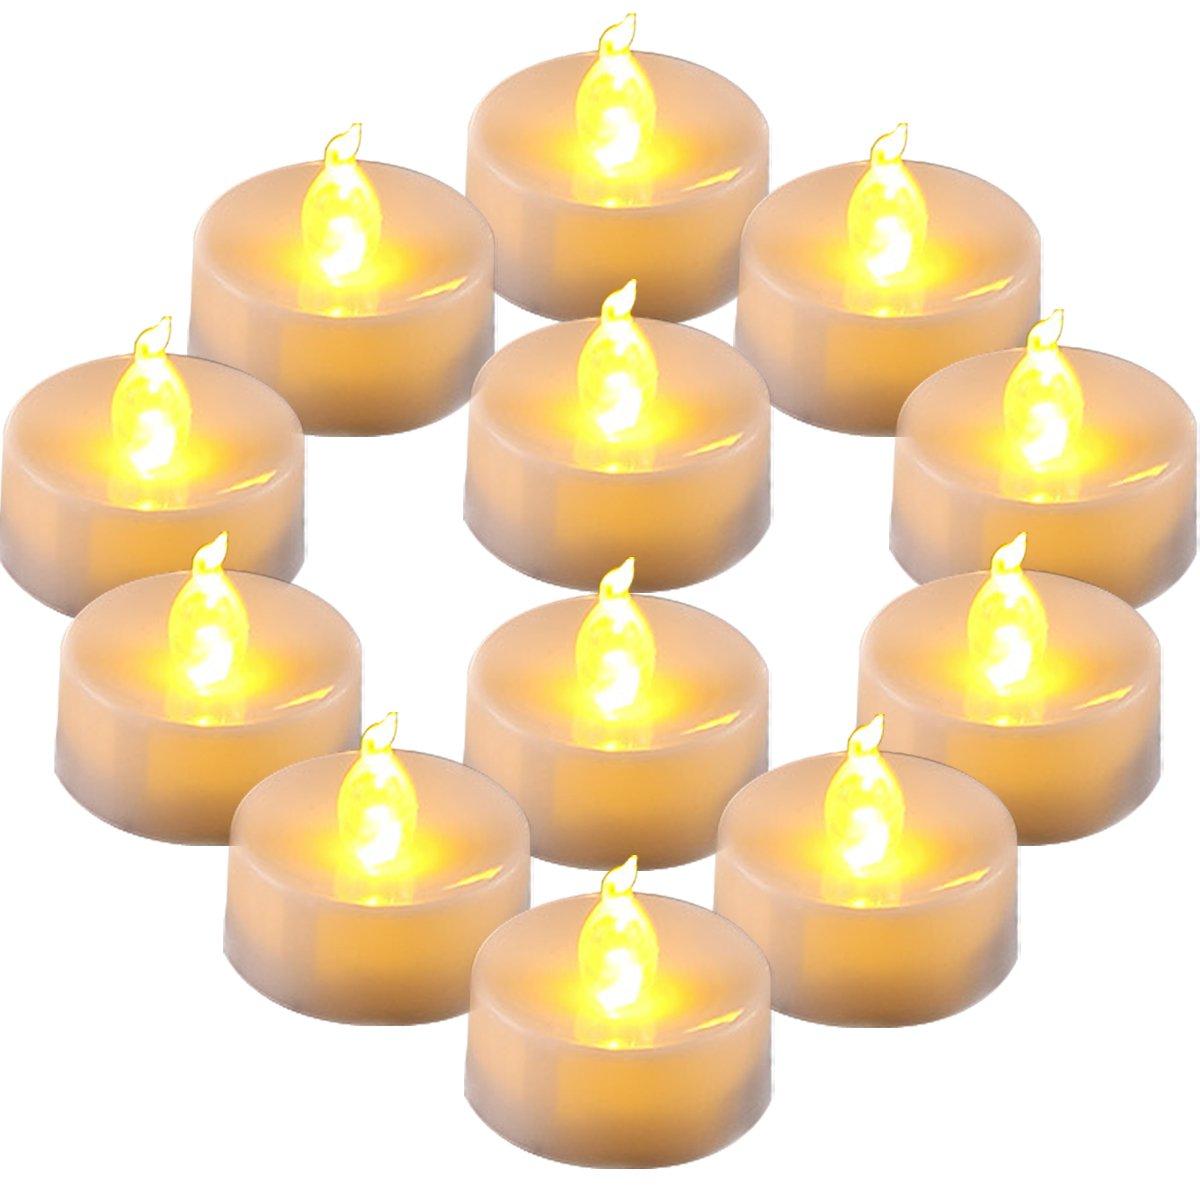 Homemory 12pcs batteria Tremolante candela elettronica tealight portò candele, duratura, batteria, compleanno, cero, matrimoni - giallo ambrato Xiamen Global Selection HMCLTLA